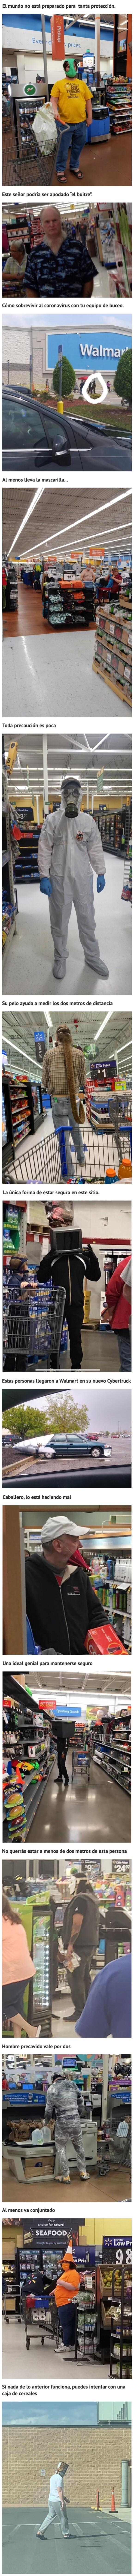 17351 - Situaciones poco comunes que solo puedes ver en Walmart